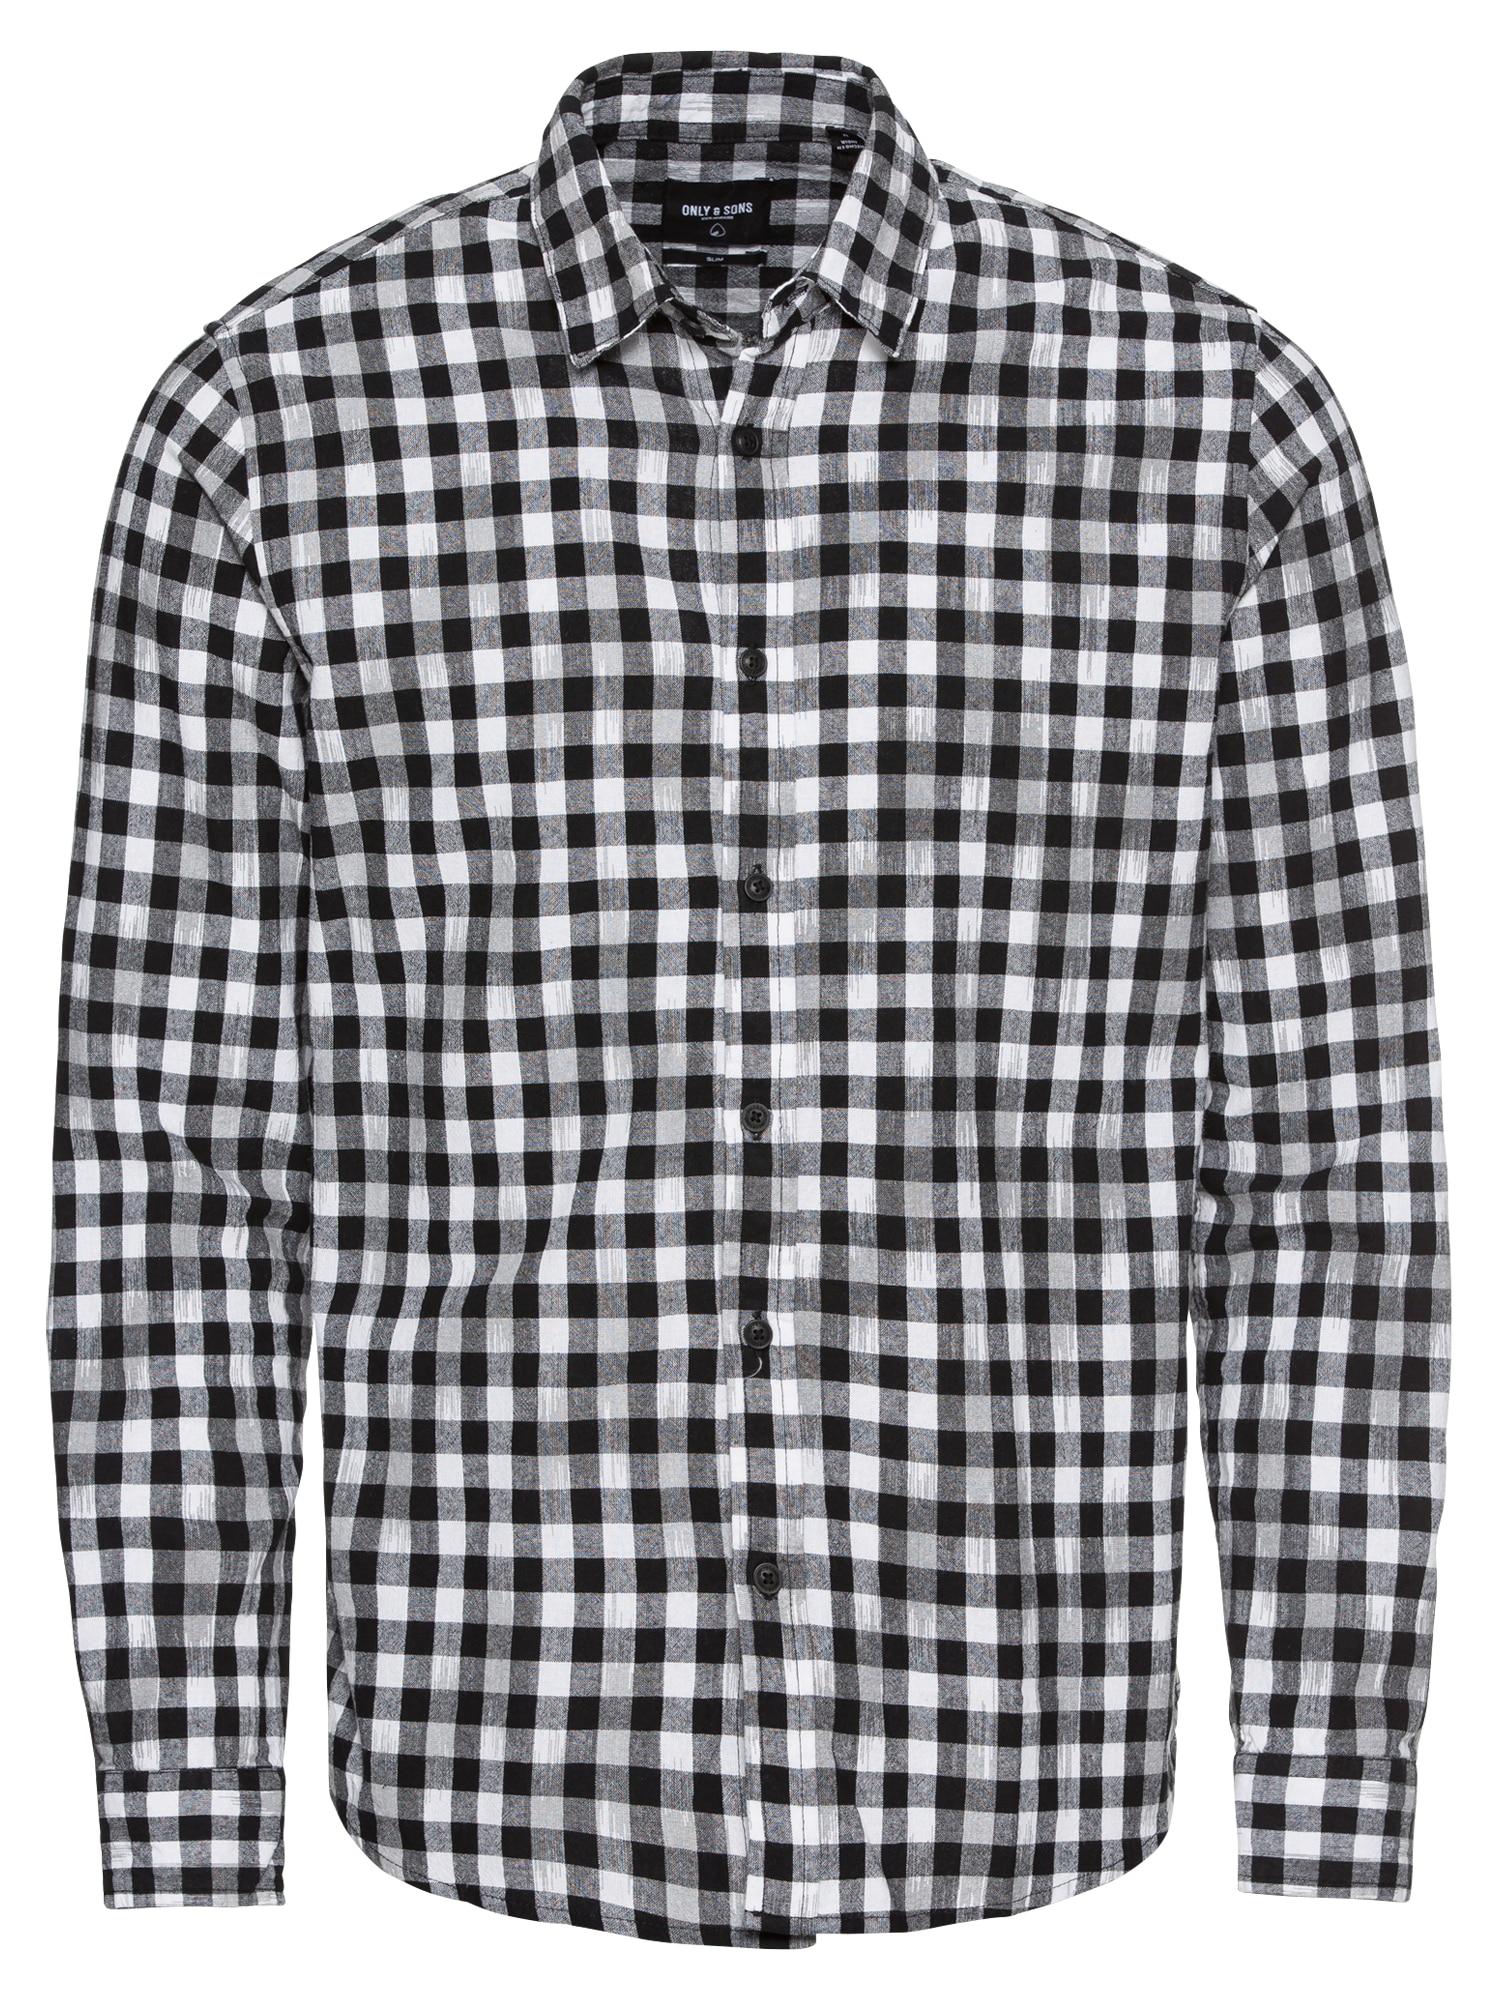 Společenská košile onsGORDEY LS CHECKANDPRINT černá bílá Only & Sons